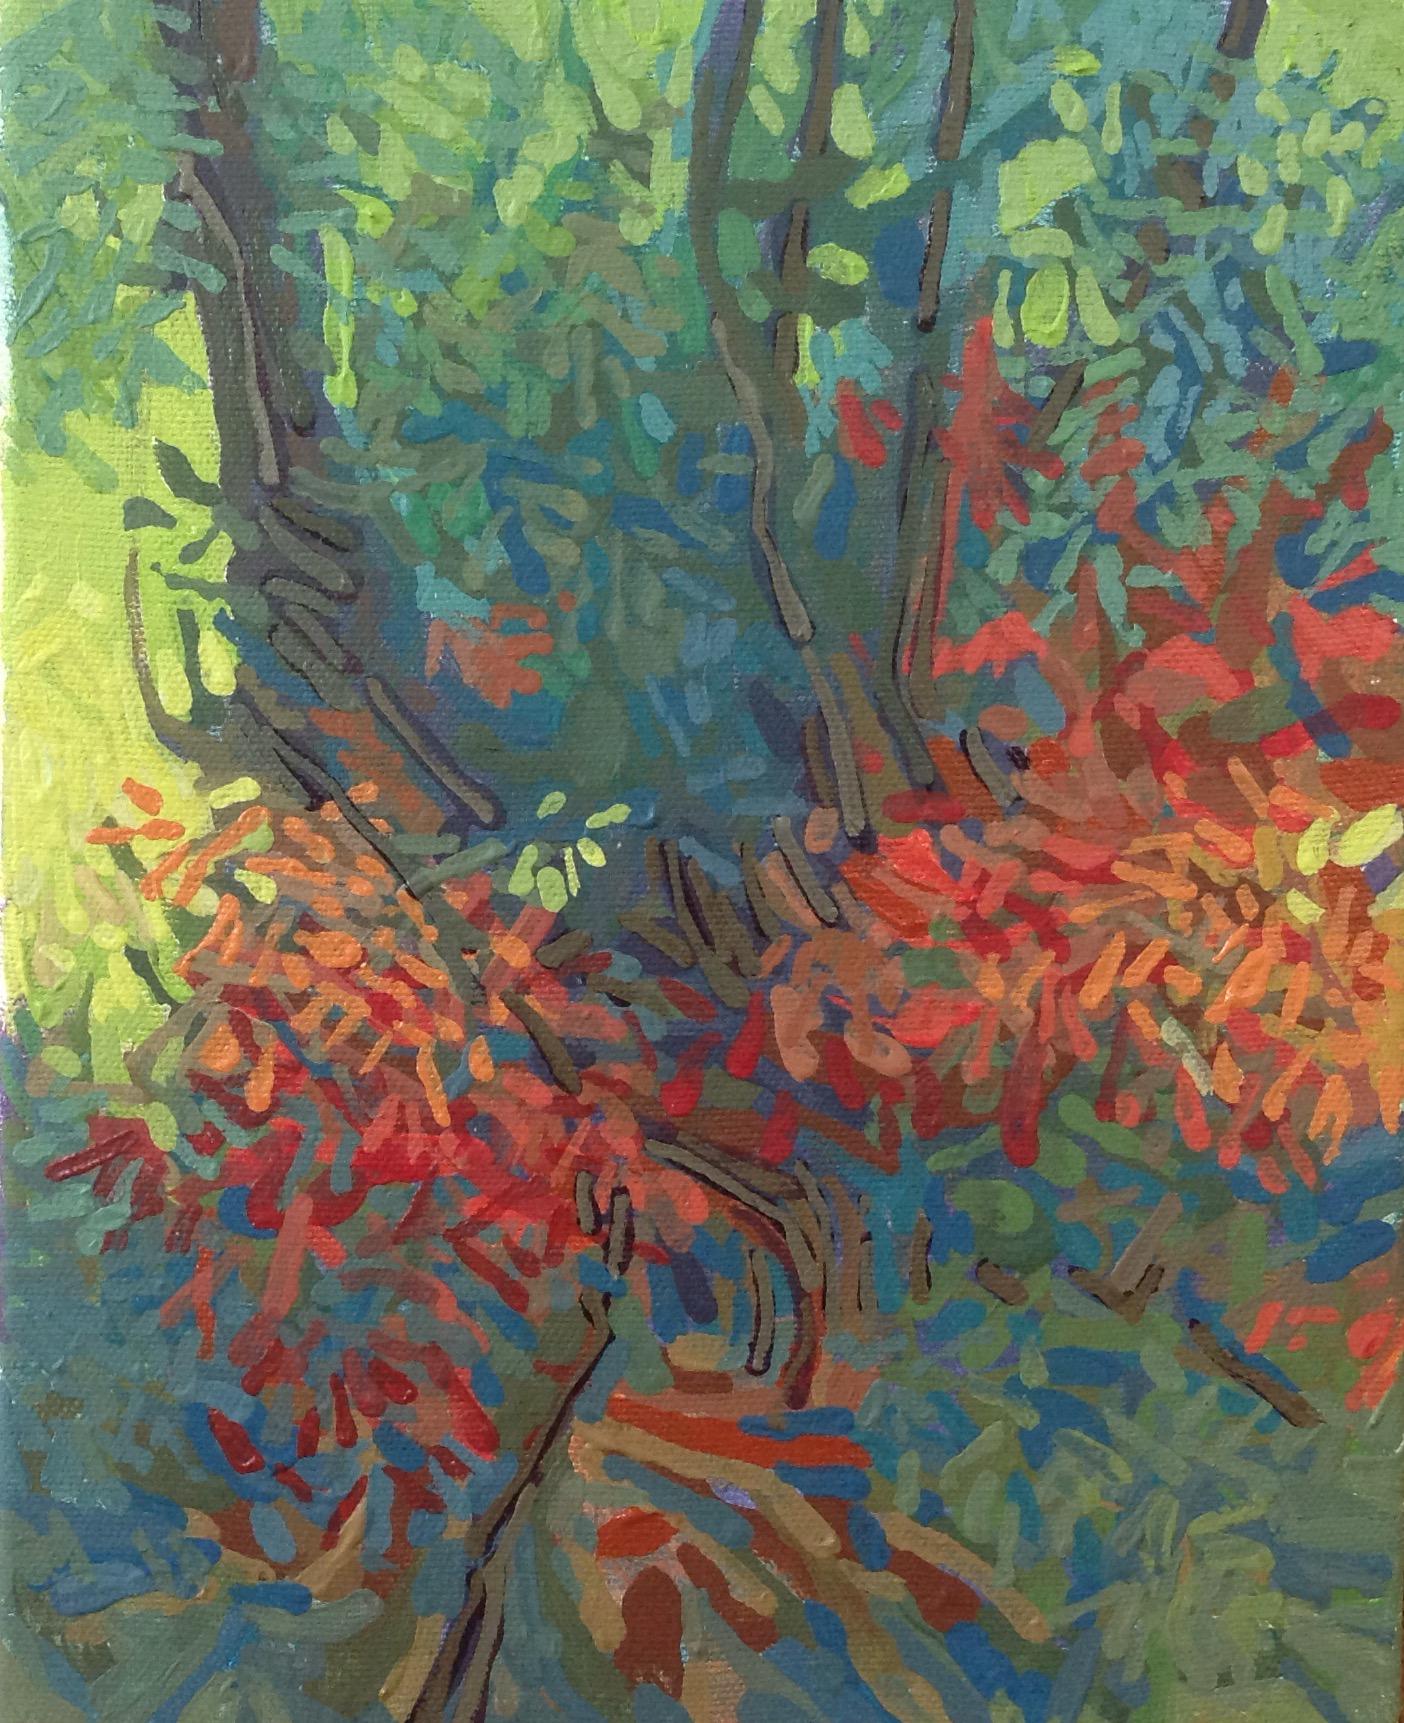 Bosque del artista I Image